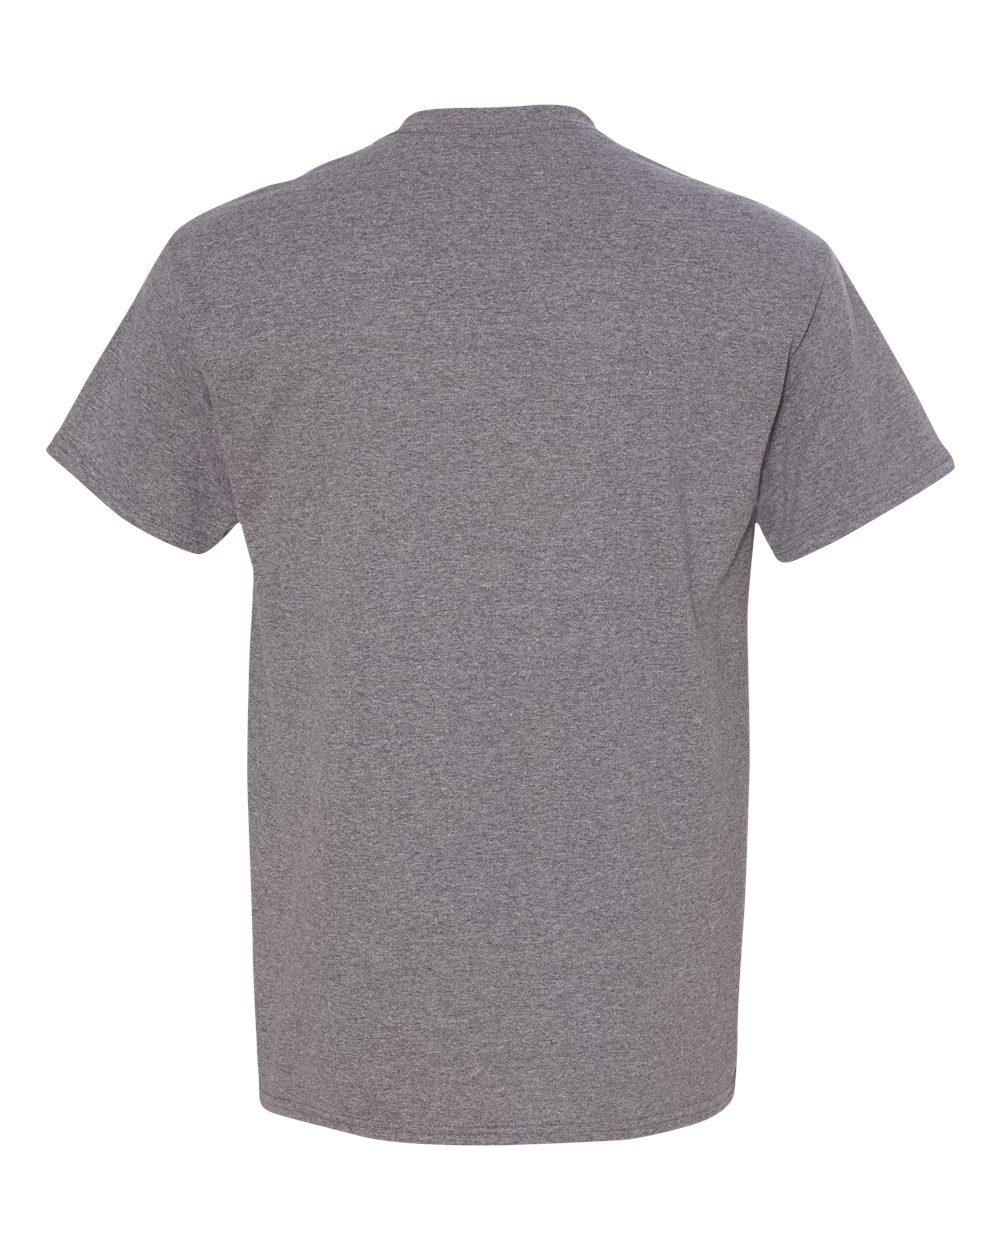 Gildan-Mens-DryBlend-5-6-oz-50-50-T-Shirt-G800-Size-S-5XL thumbnail 33